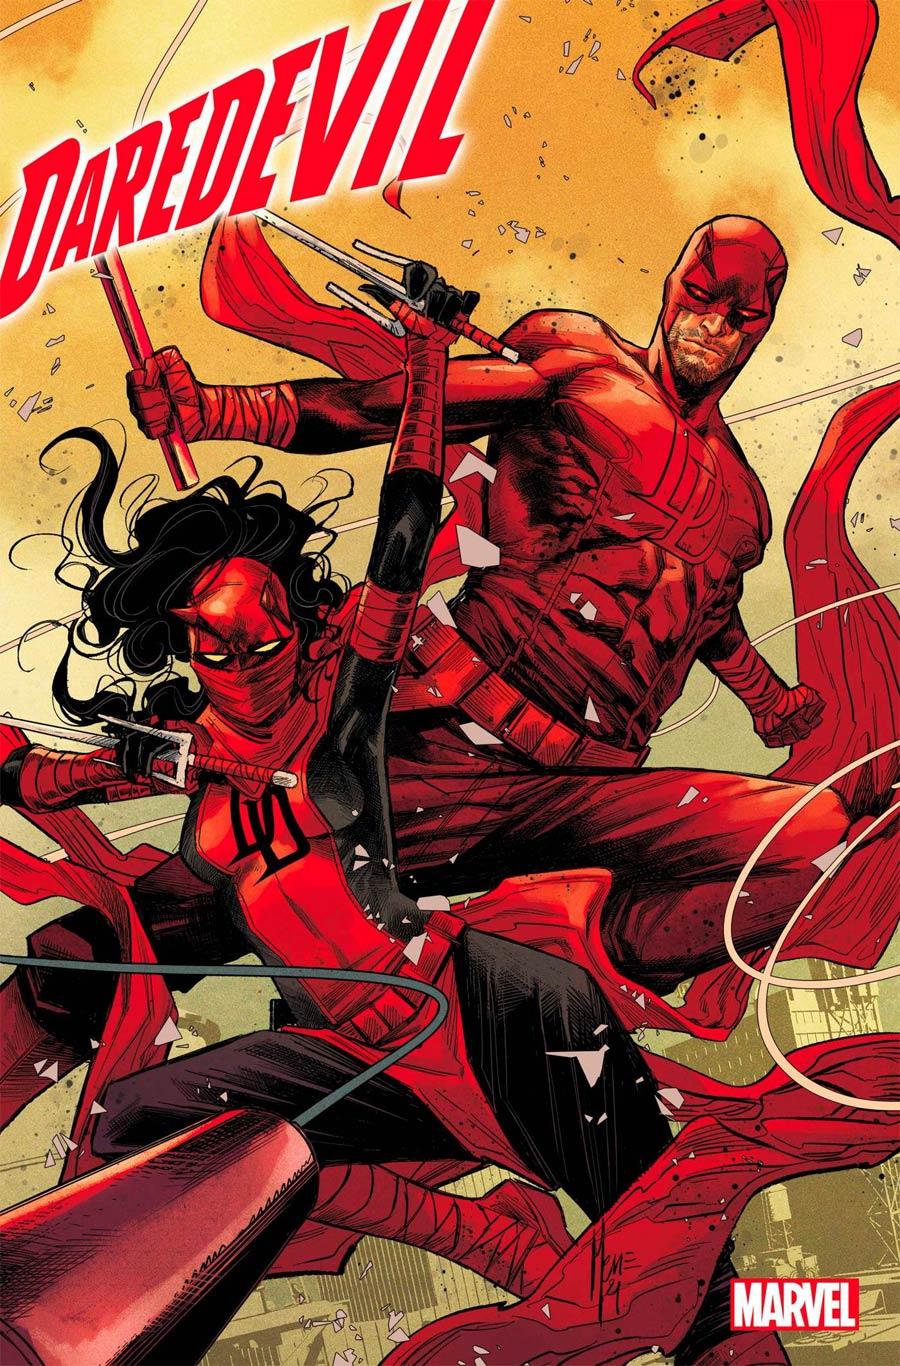 Daredevil Vol 6 #36 Cover A Regular Marco Checchetto Cover